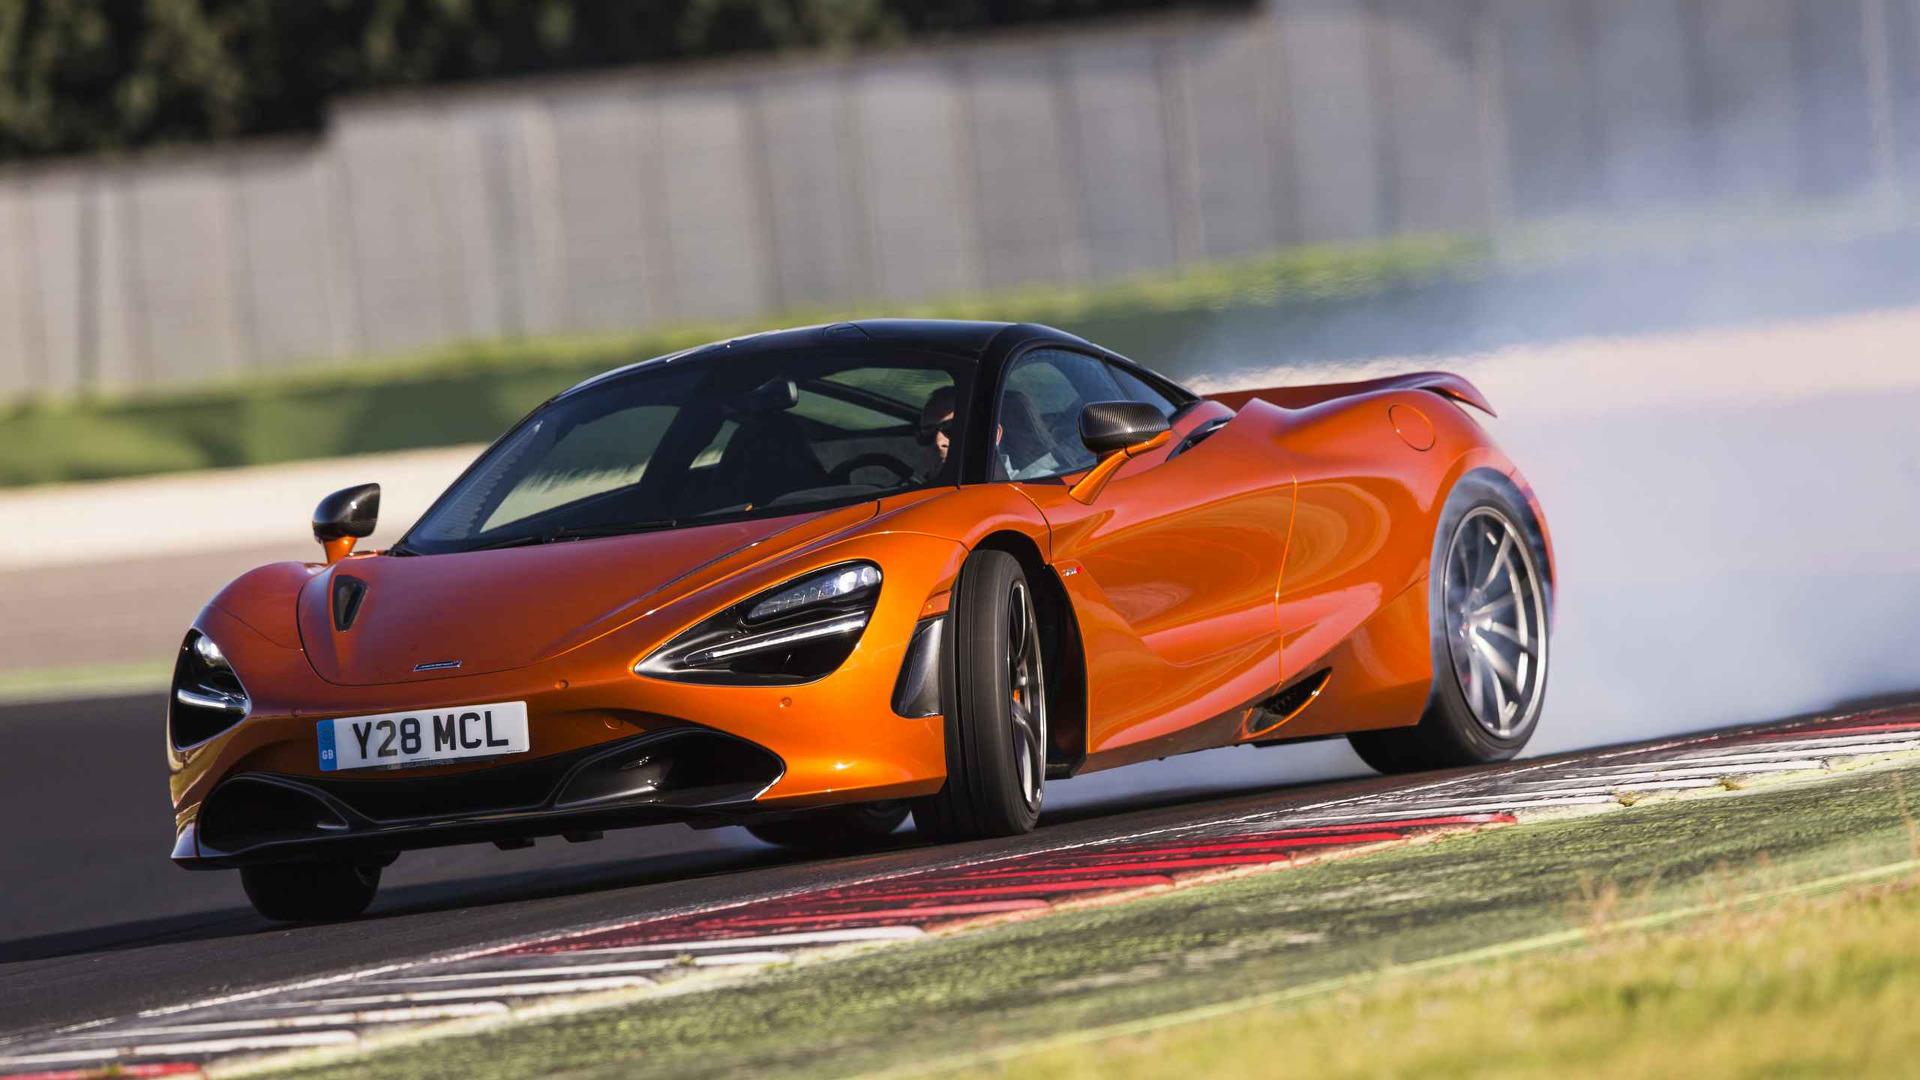 (Tie) McLaren 720S - 1:17.9